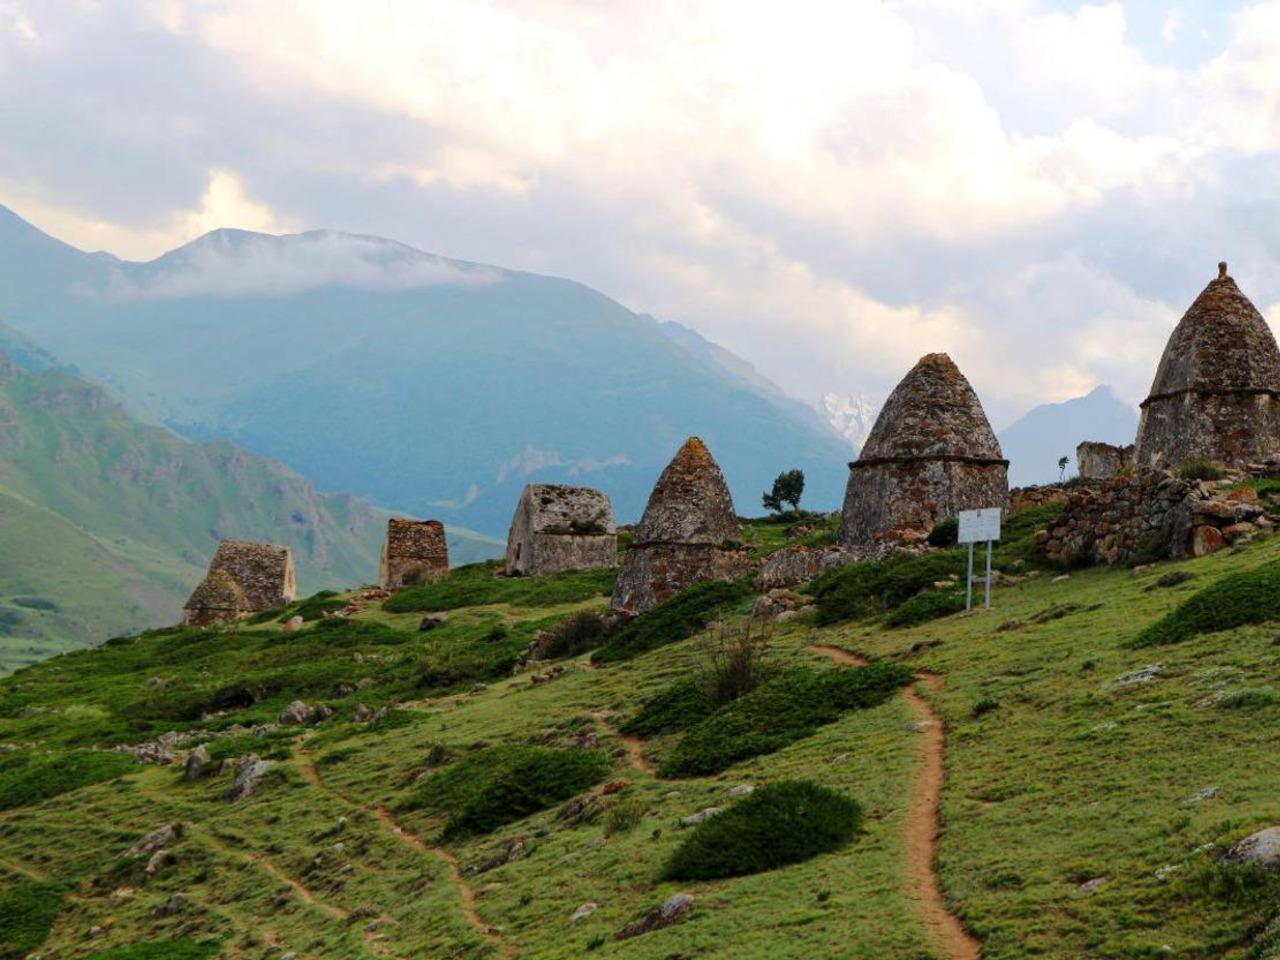 2 ущелья Кабардино-Балкарии: Чегемское+Баксанское - индивидуальная экскурсия в Пятигорске от опытного гида